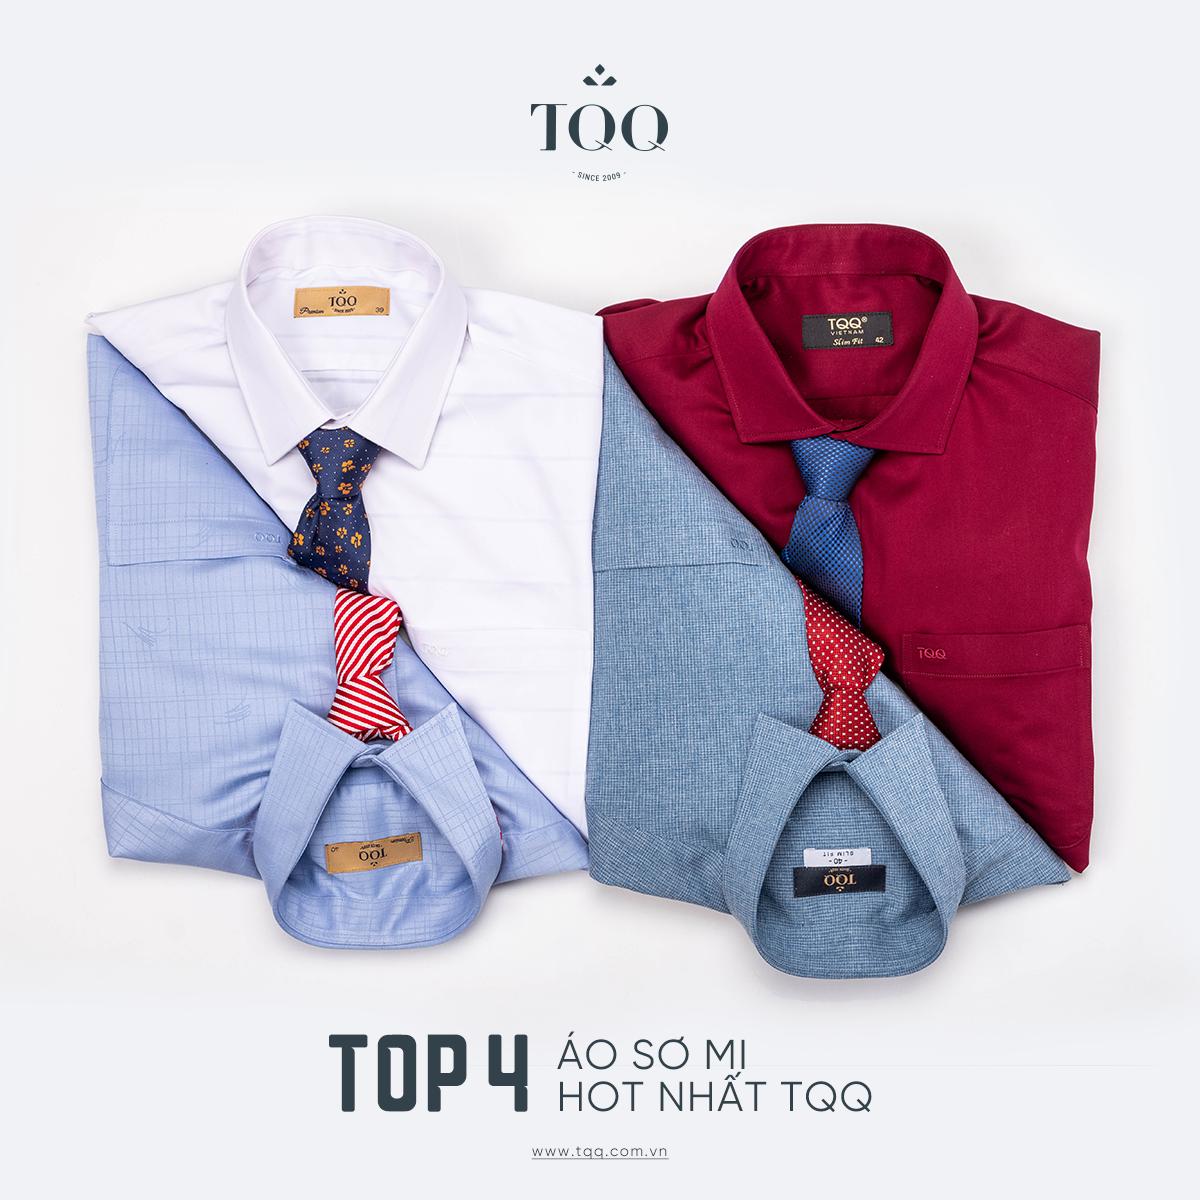 Sơ mi TQQ đa dạng về màu sắc, phù hợp với nhiều như cầu, sở thích thời trang của các quý ông